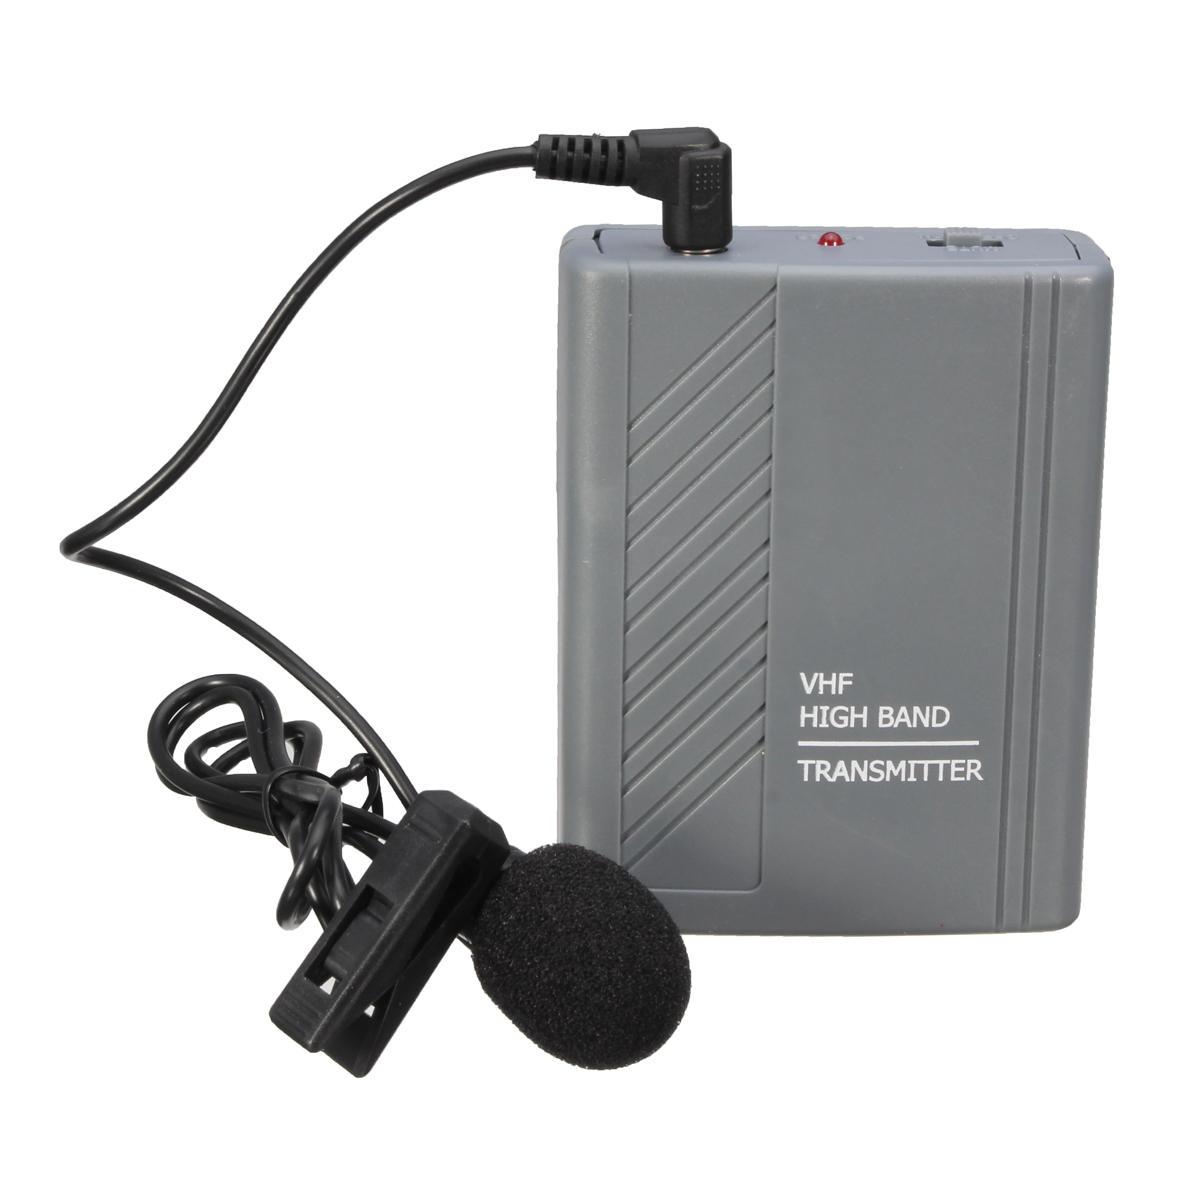 Auricolare clip-on per l'insegnamento wireless Meeting Lavalier Microfono Trasmettitore audio altoparlante MIC ricevitore